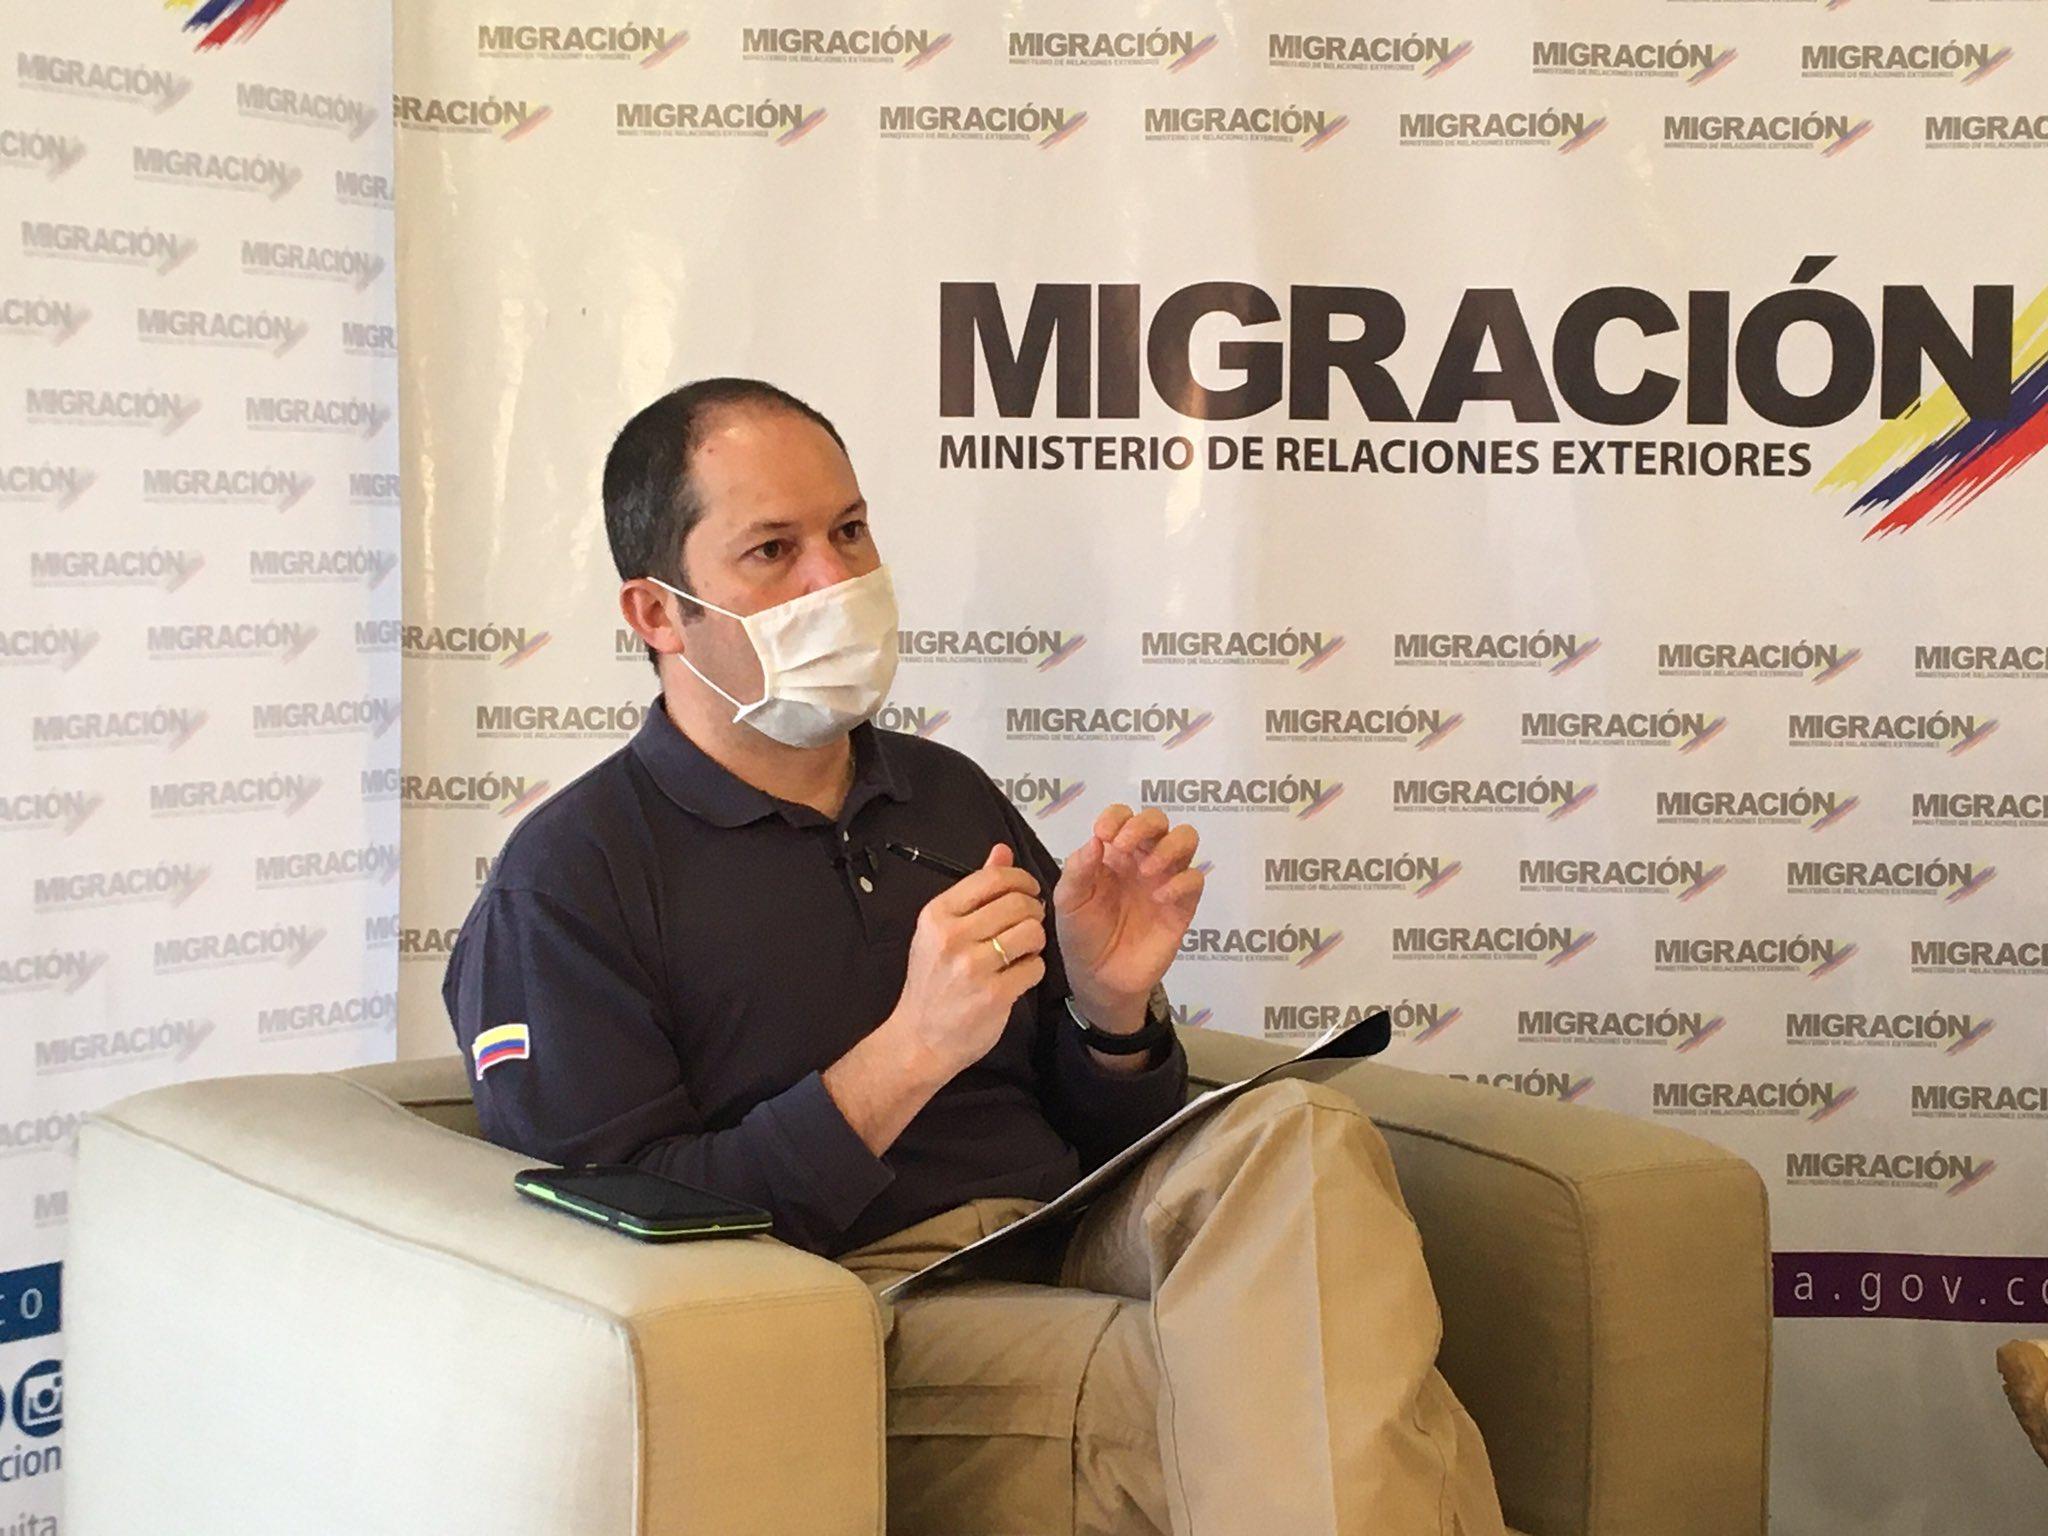 El sistema biométrico será 100 tecnológico según Juan Espinoza, director de Migración Colombia.